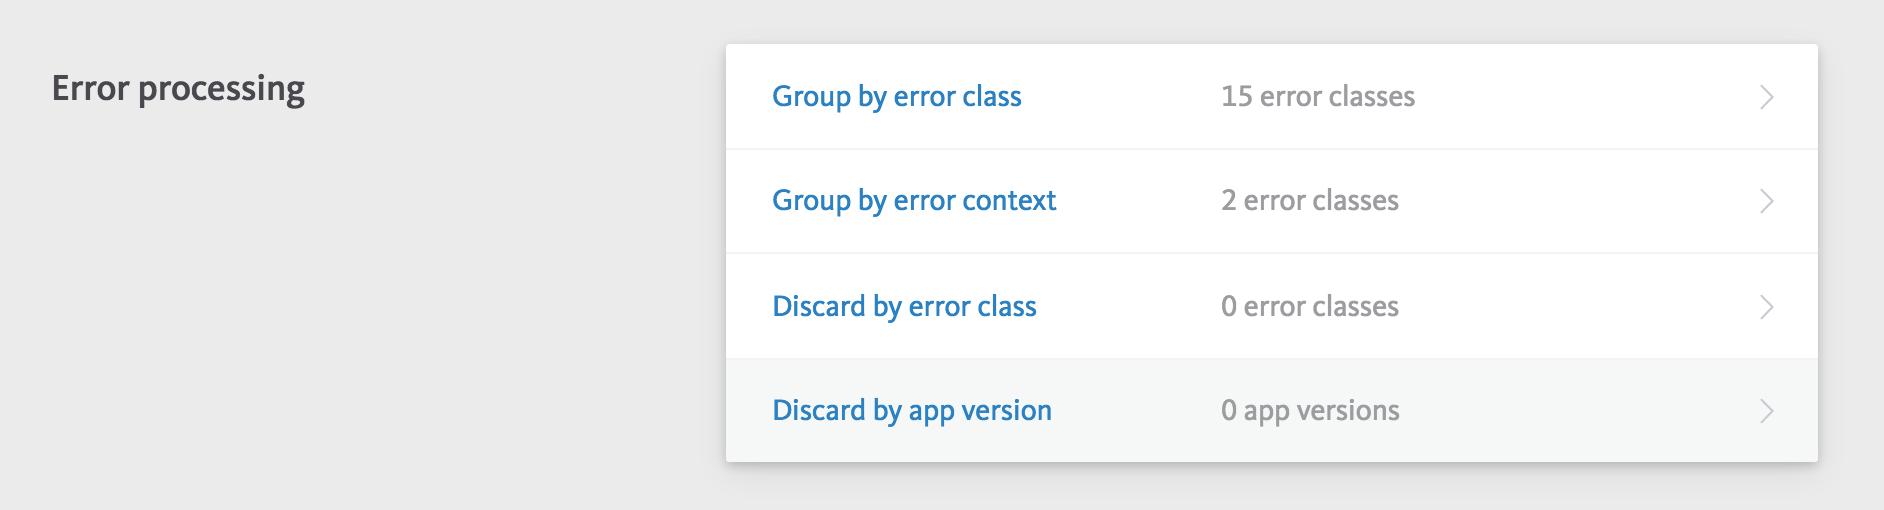 Error processing